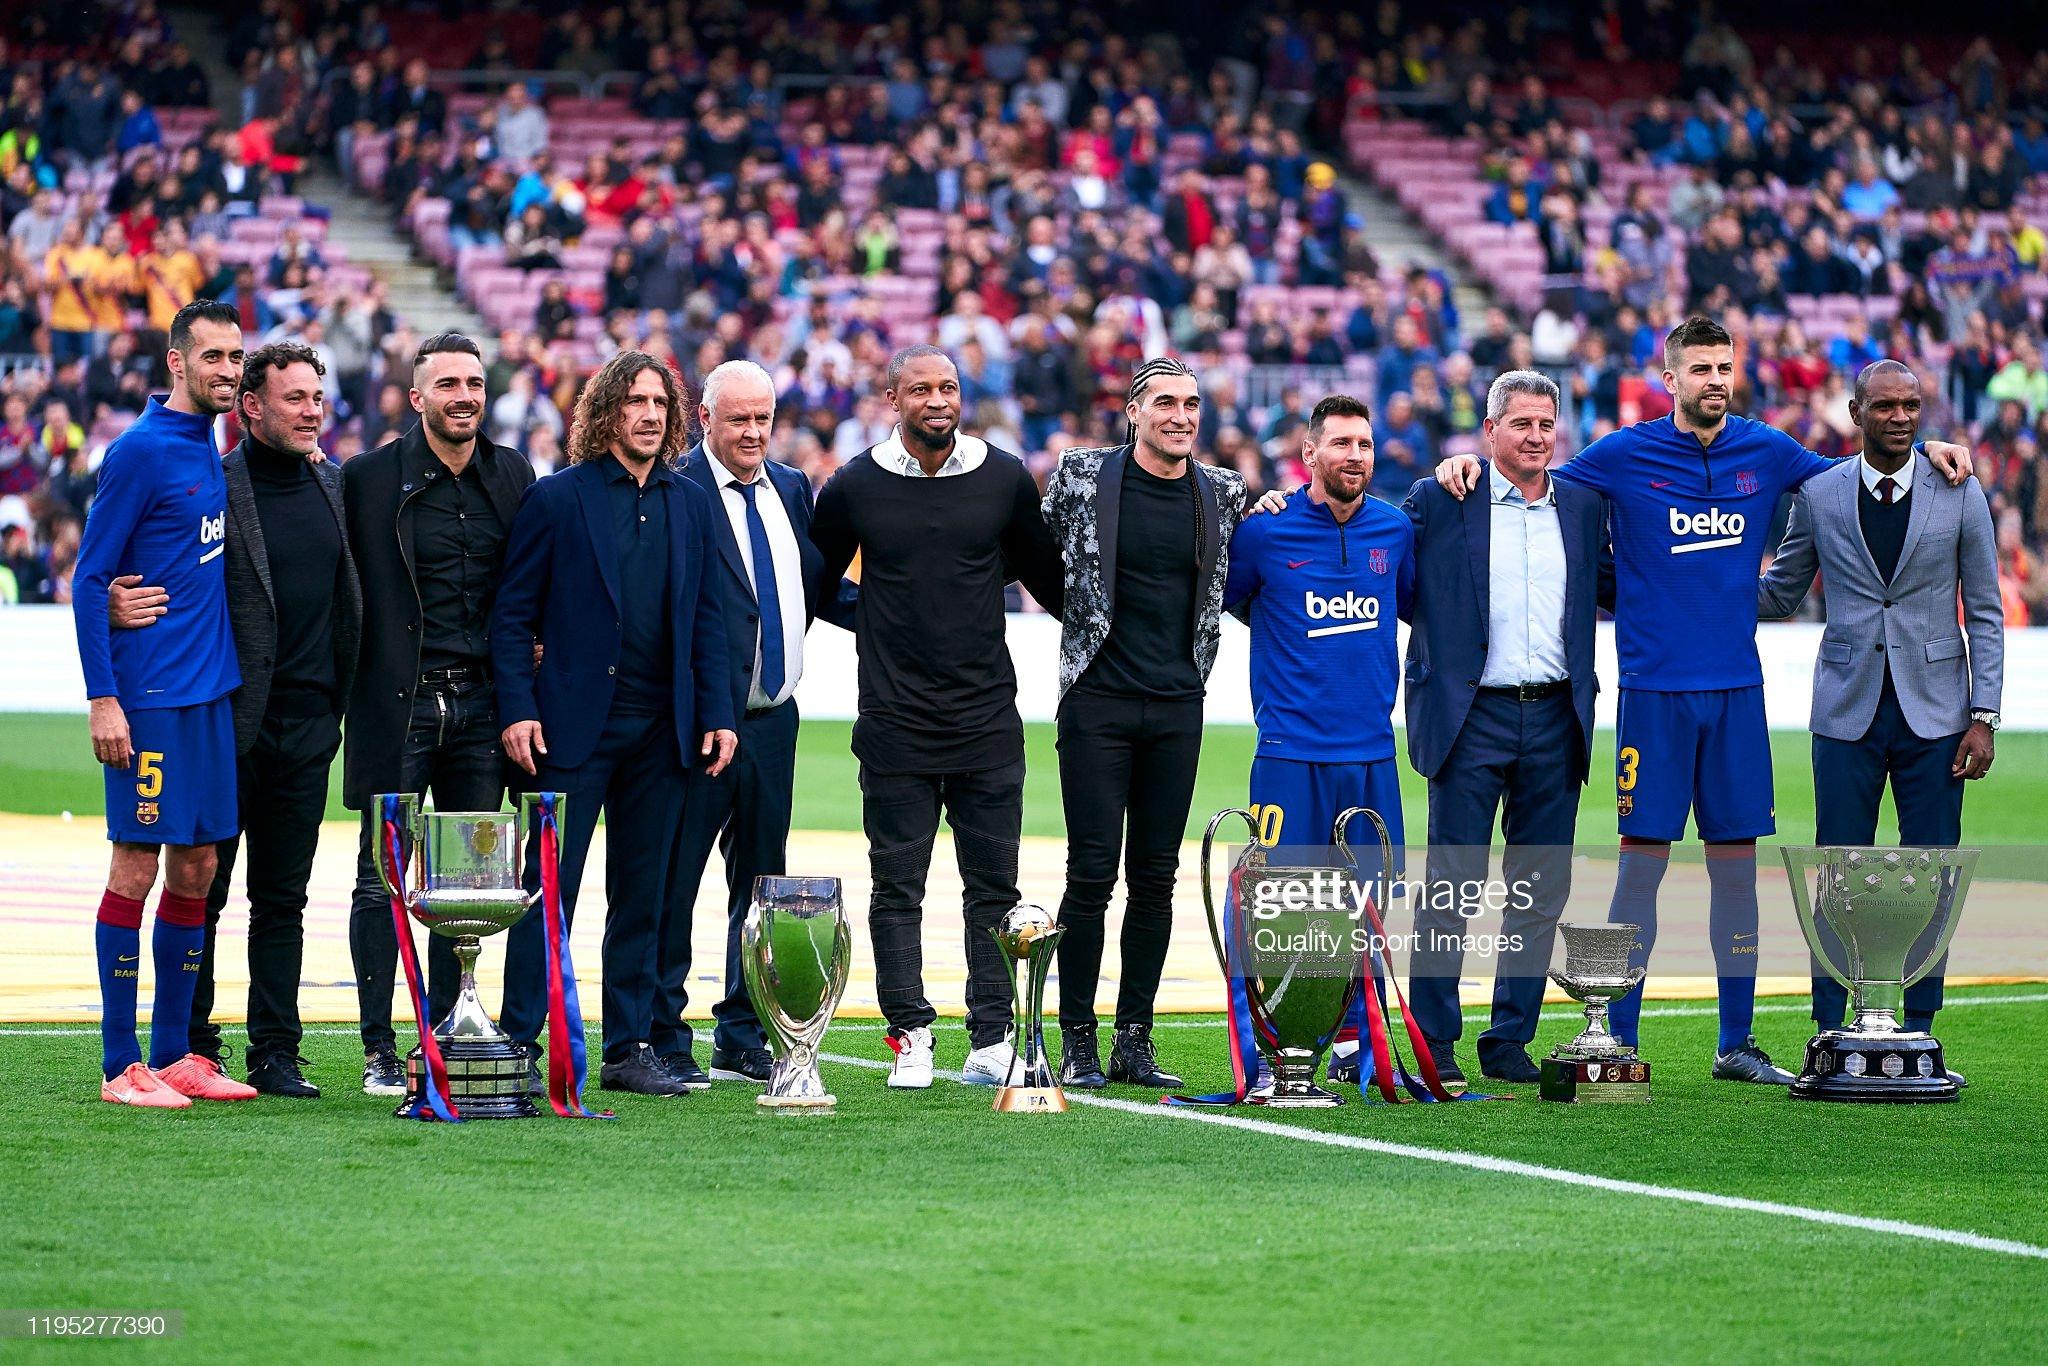 ¿Cuánto mide Carles Puyol? - Altura - Real height - Página 4 Sergio-busquets-gaby-milito-xavi-torres-carles-puyol-carles-naval-picture-id1195277390?s=2048x2048